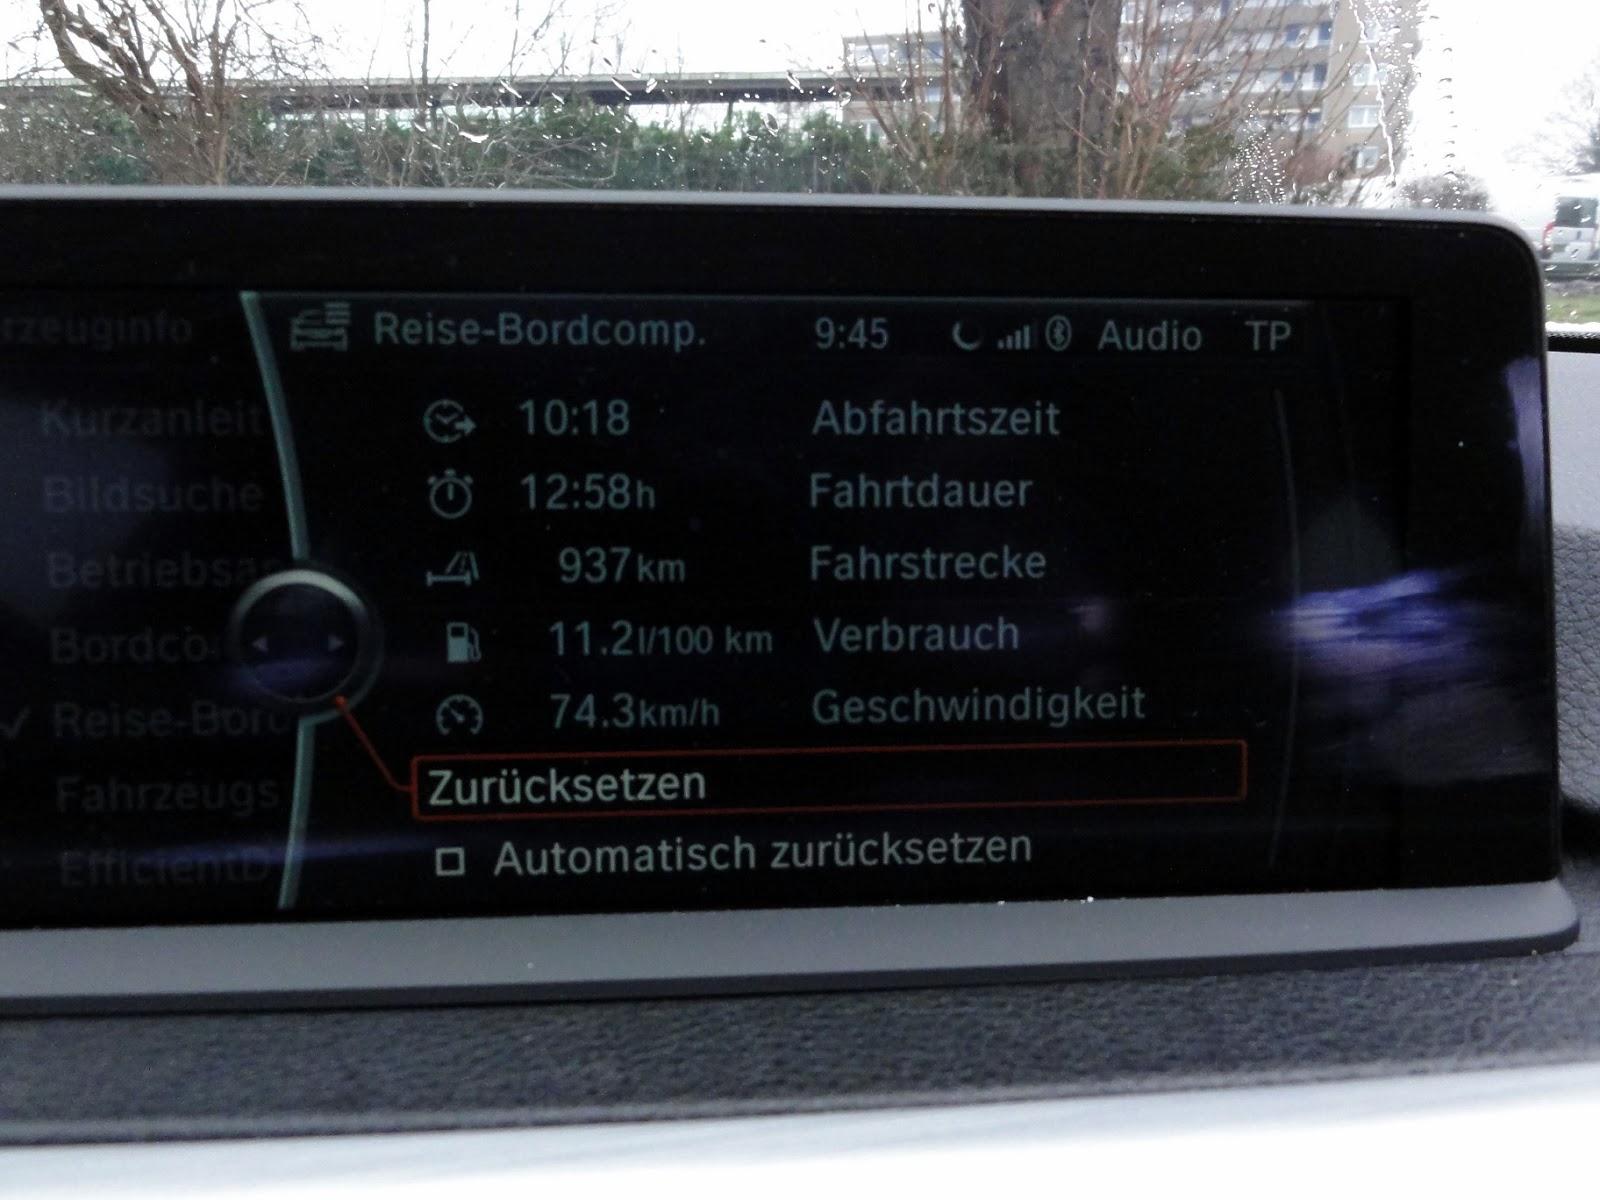 Guitigefilmpjes Fuel Consumption Bmw 335i Xdrive F30 318d